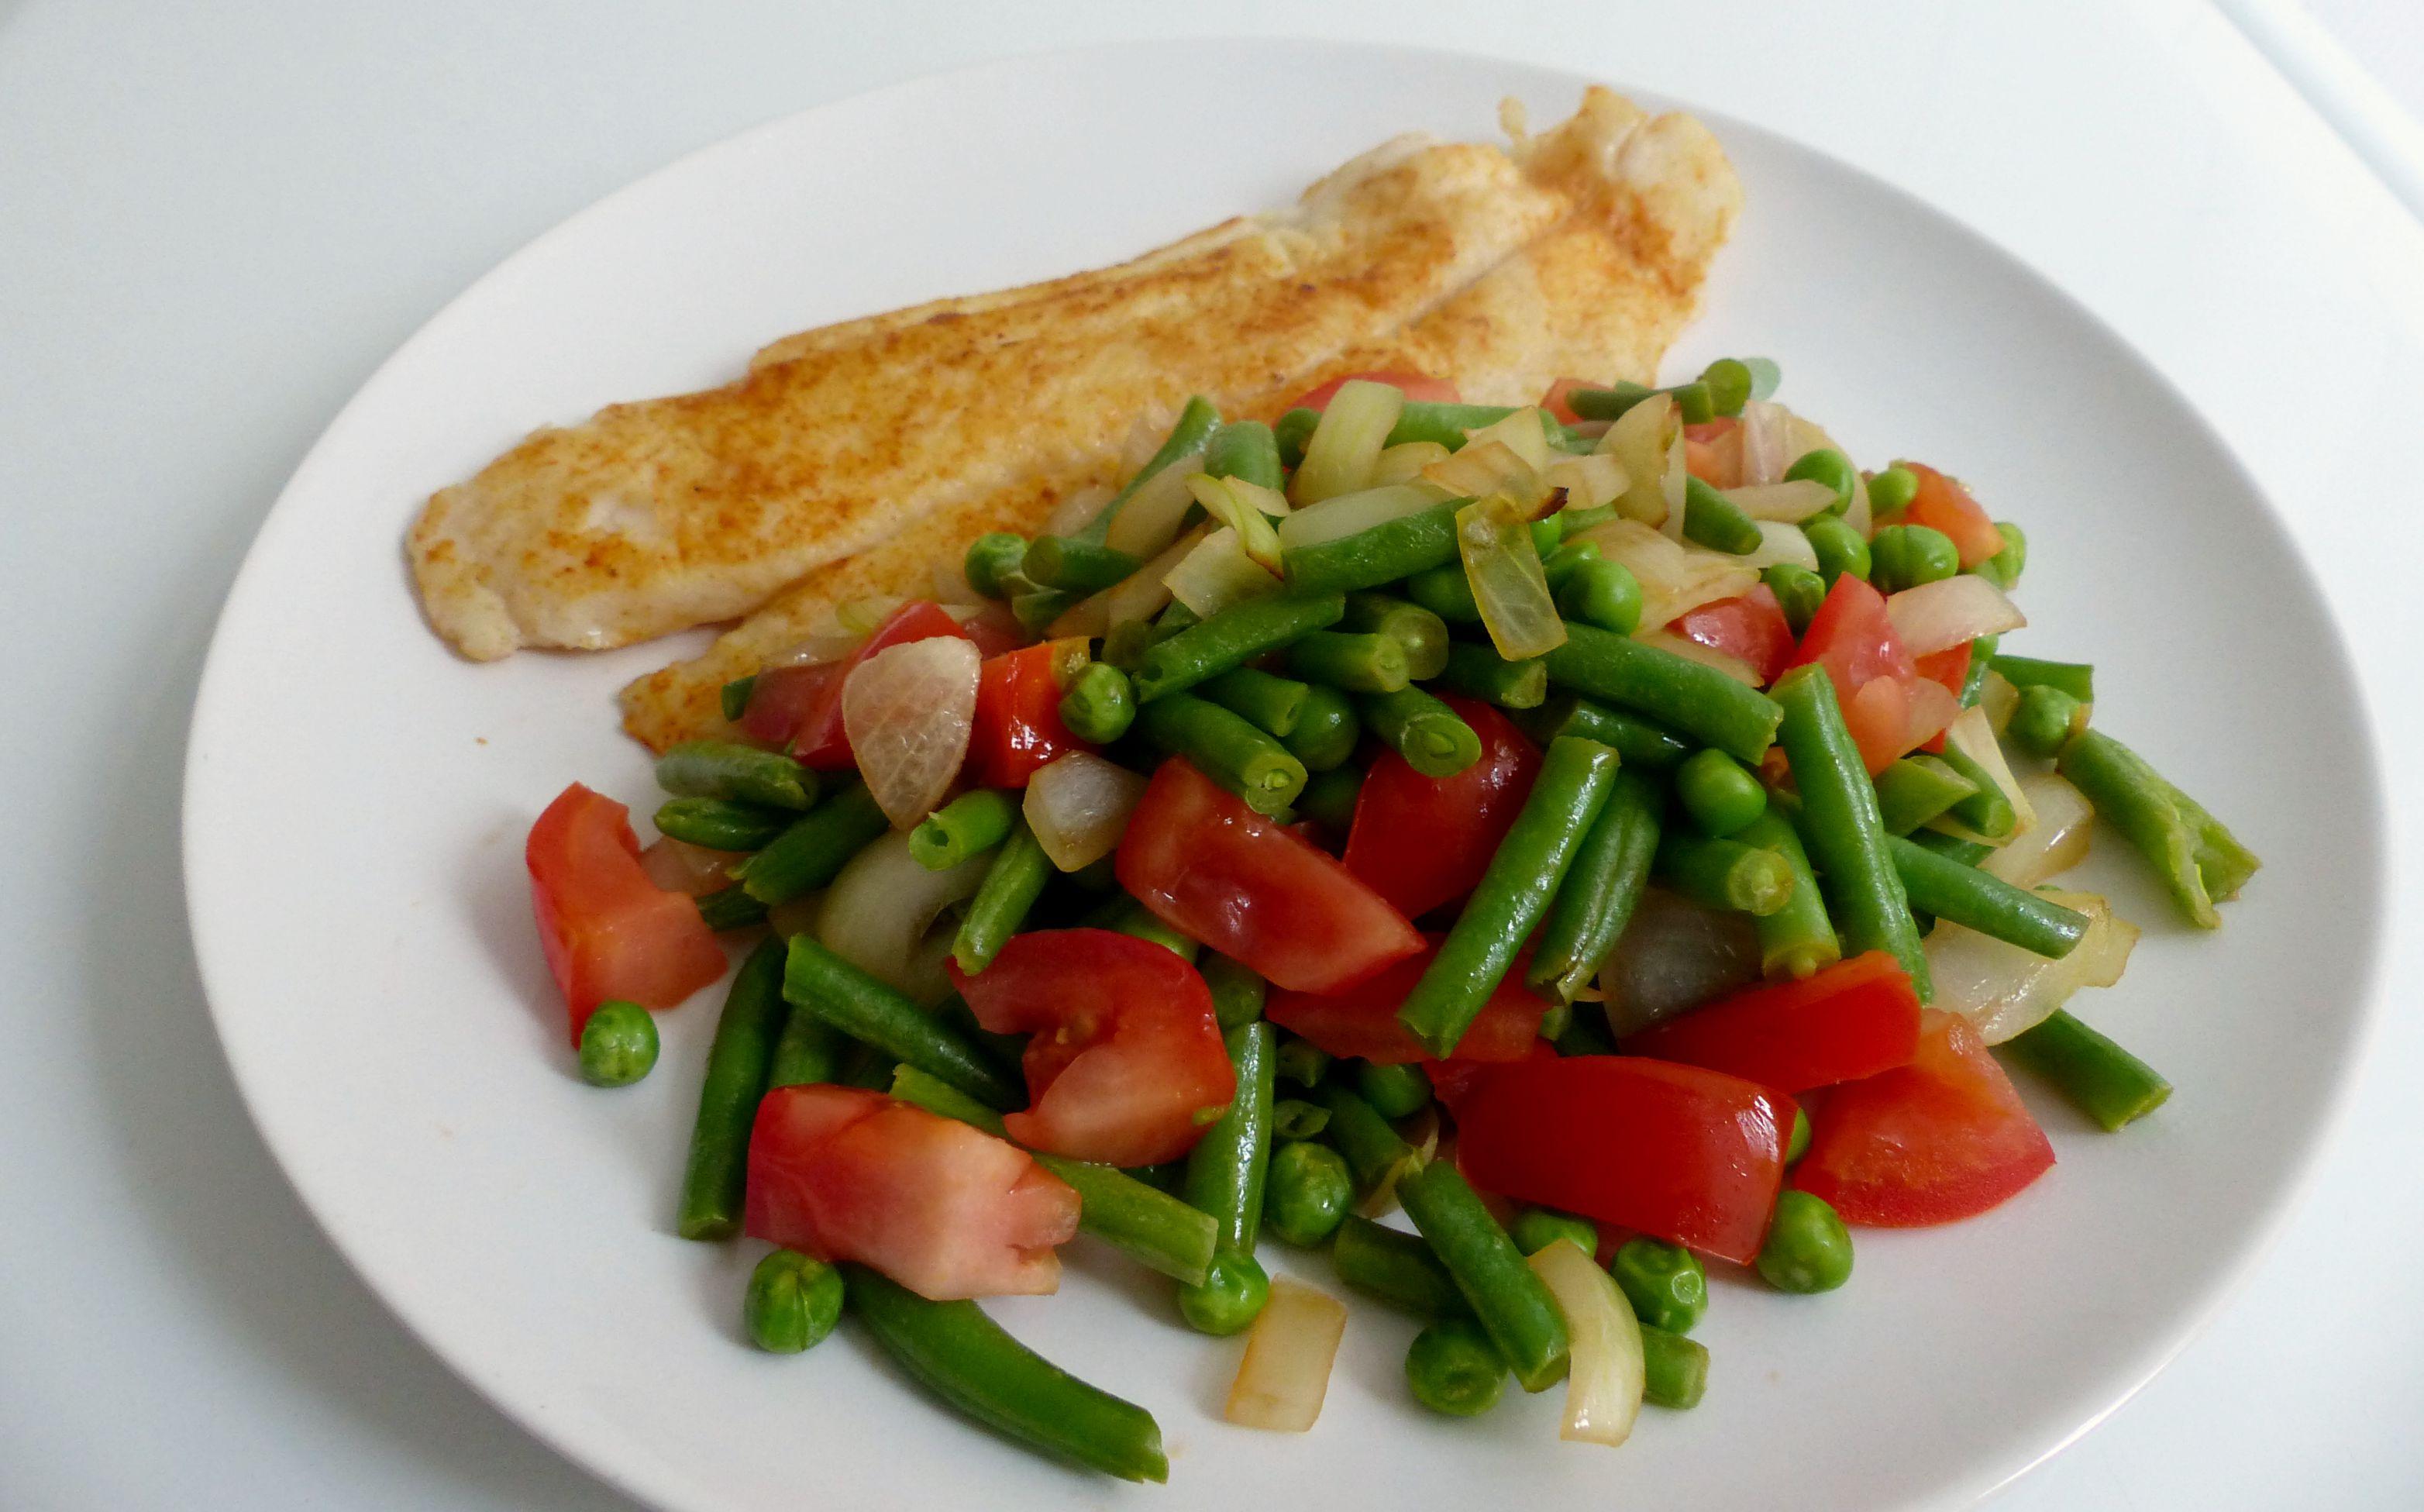 koolhydraatarme warme maaltijd